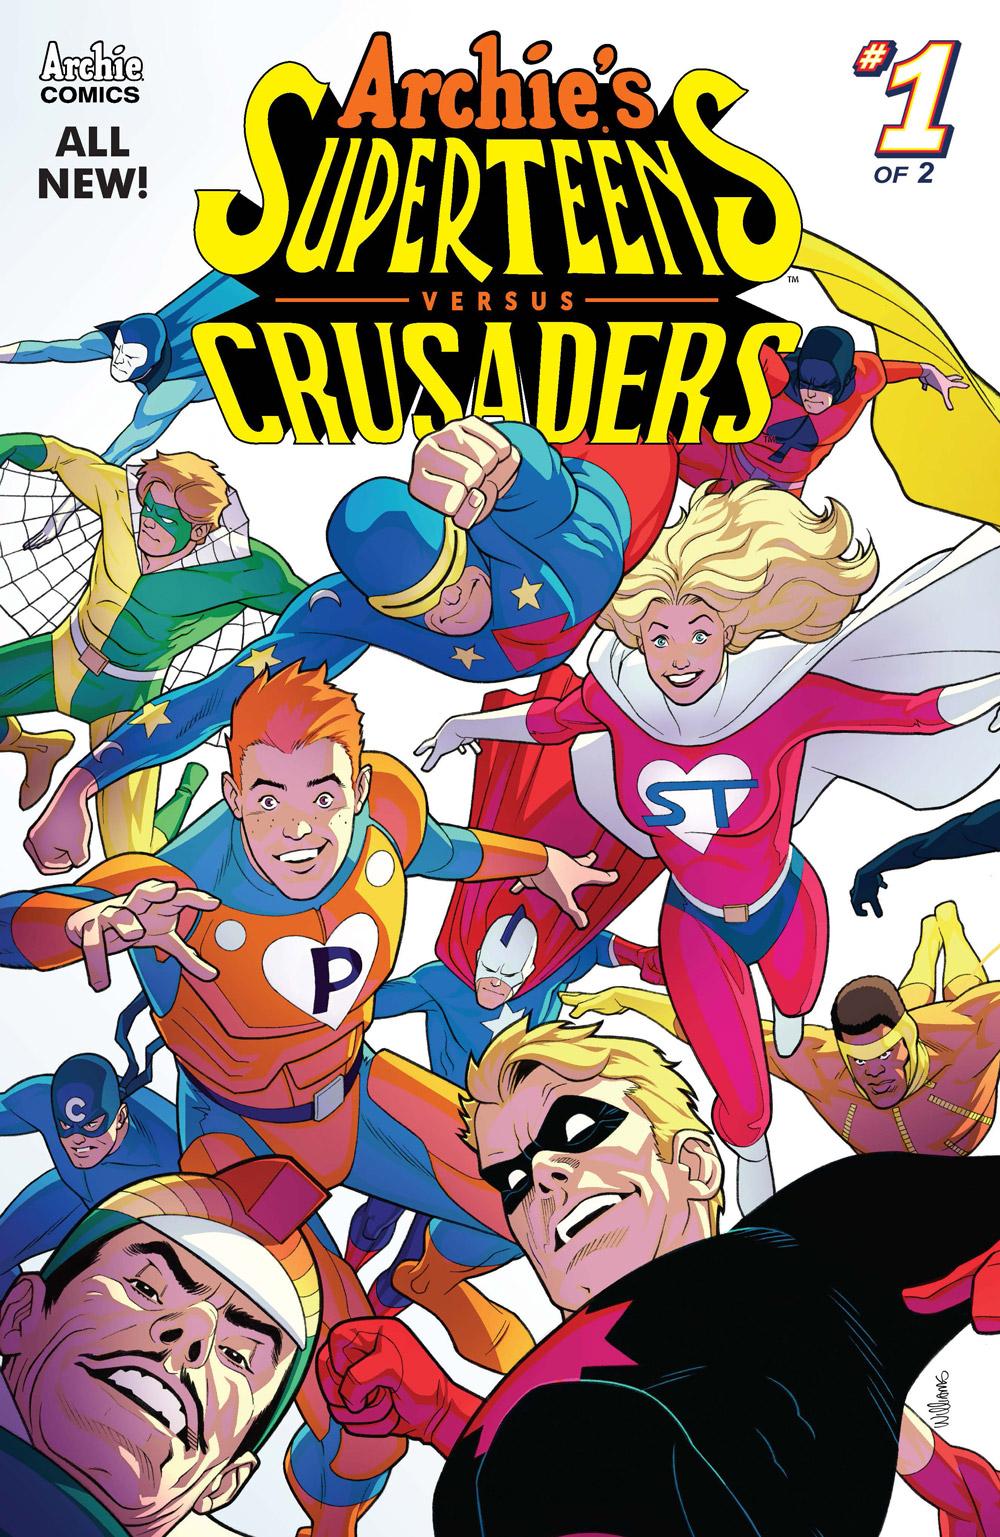 'Archie's Superteens vs. Crusaders' #1